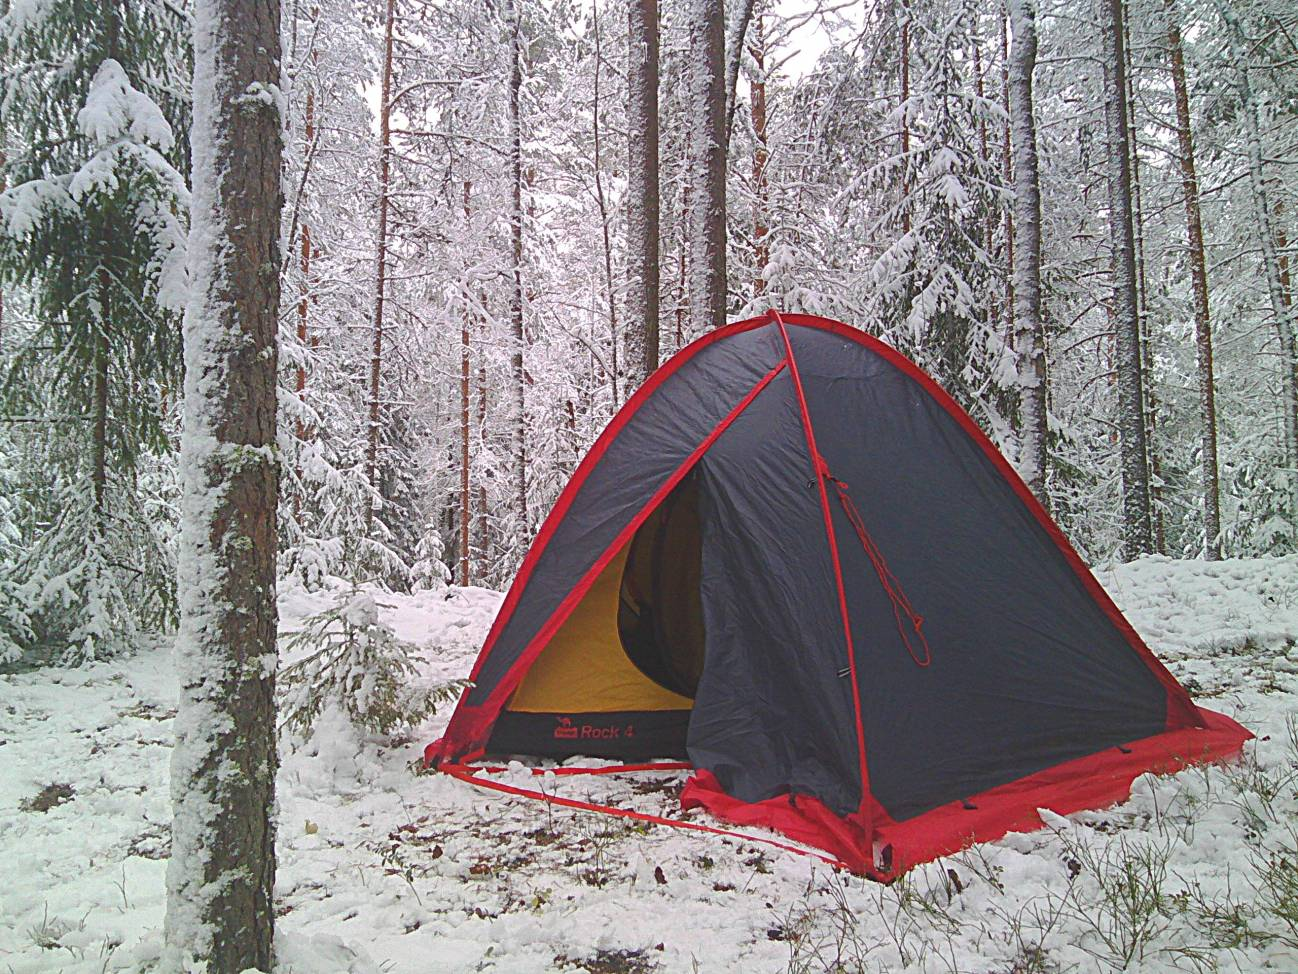 Туристическая палатка в лесу на снегу